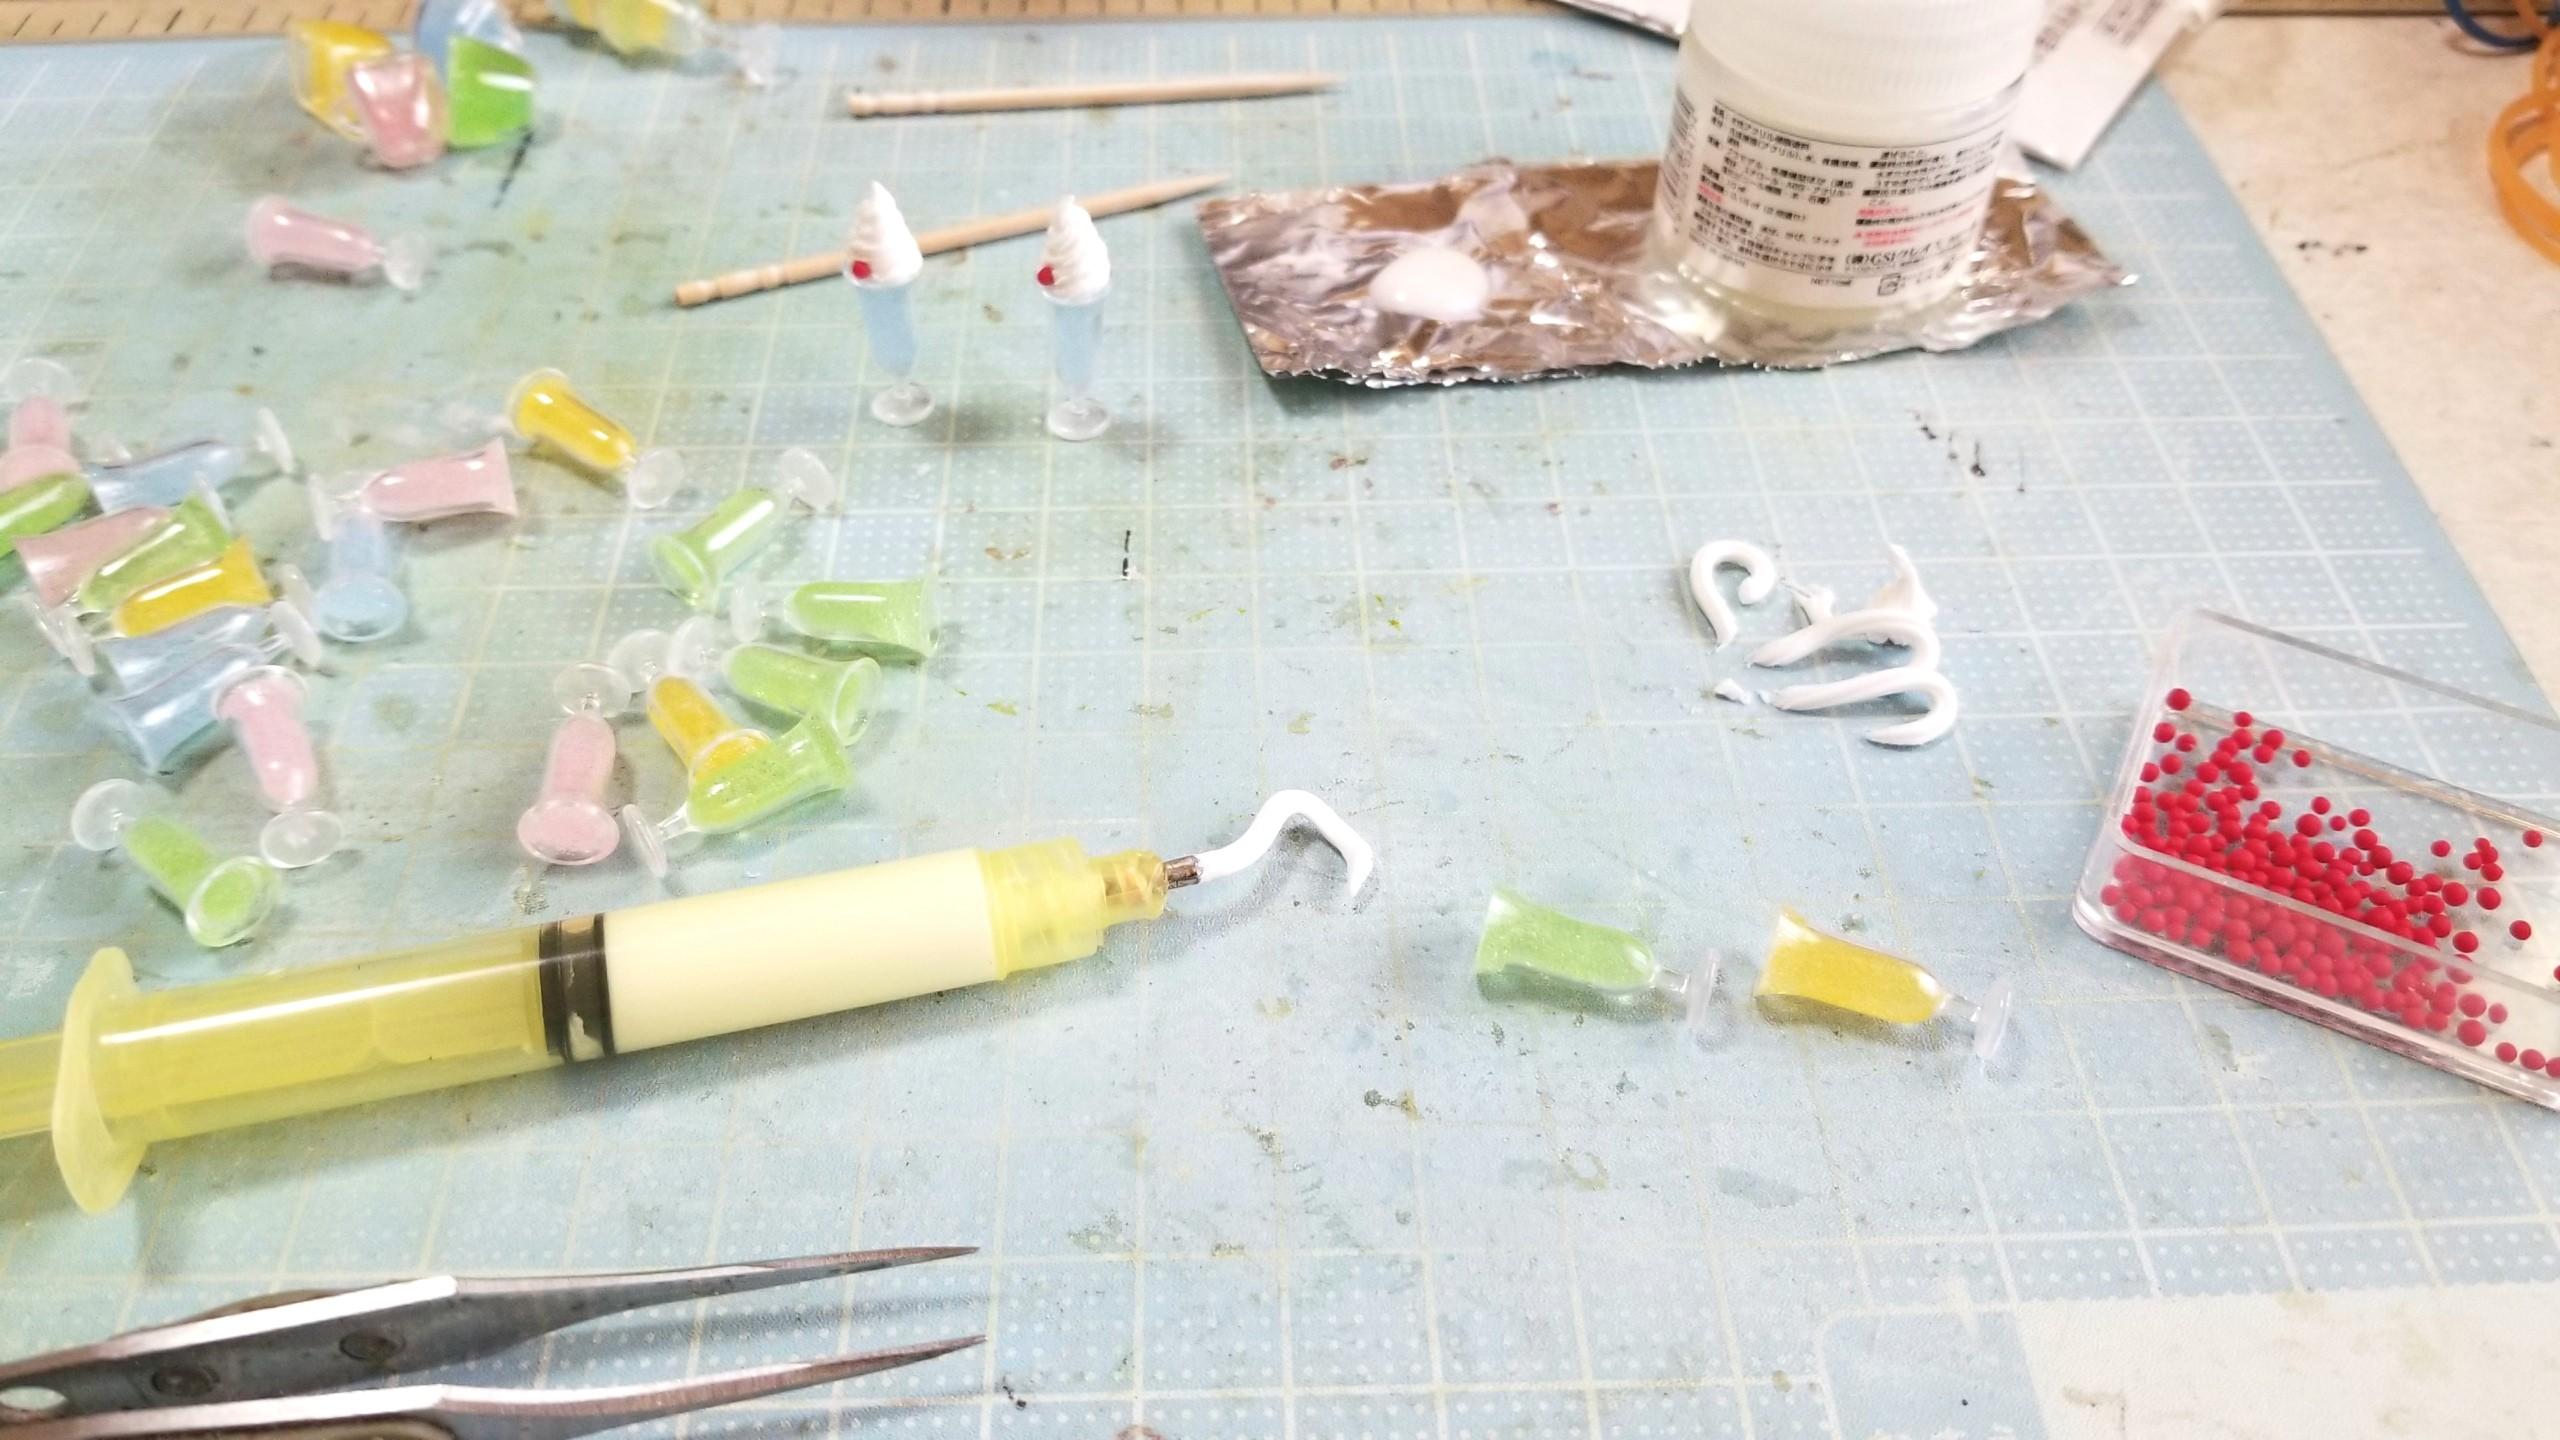 クリームソーダフロートの作り方,ミニチュアフード,UVレジン,粘土